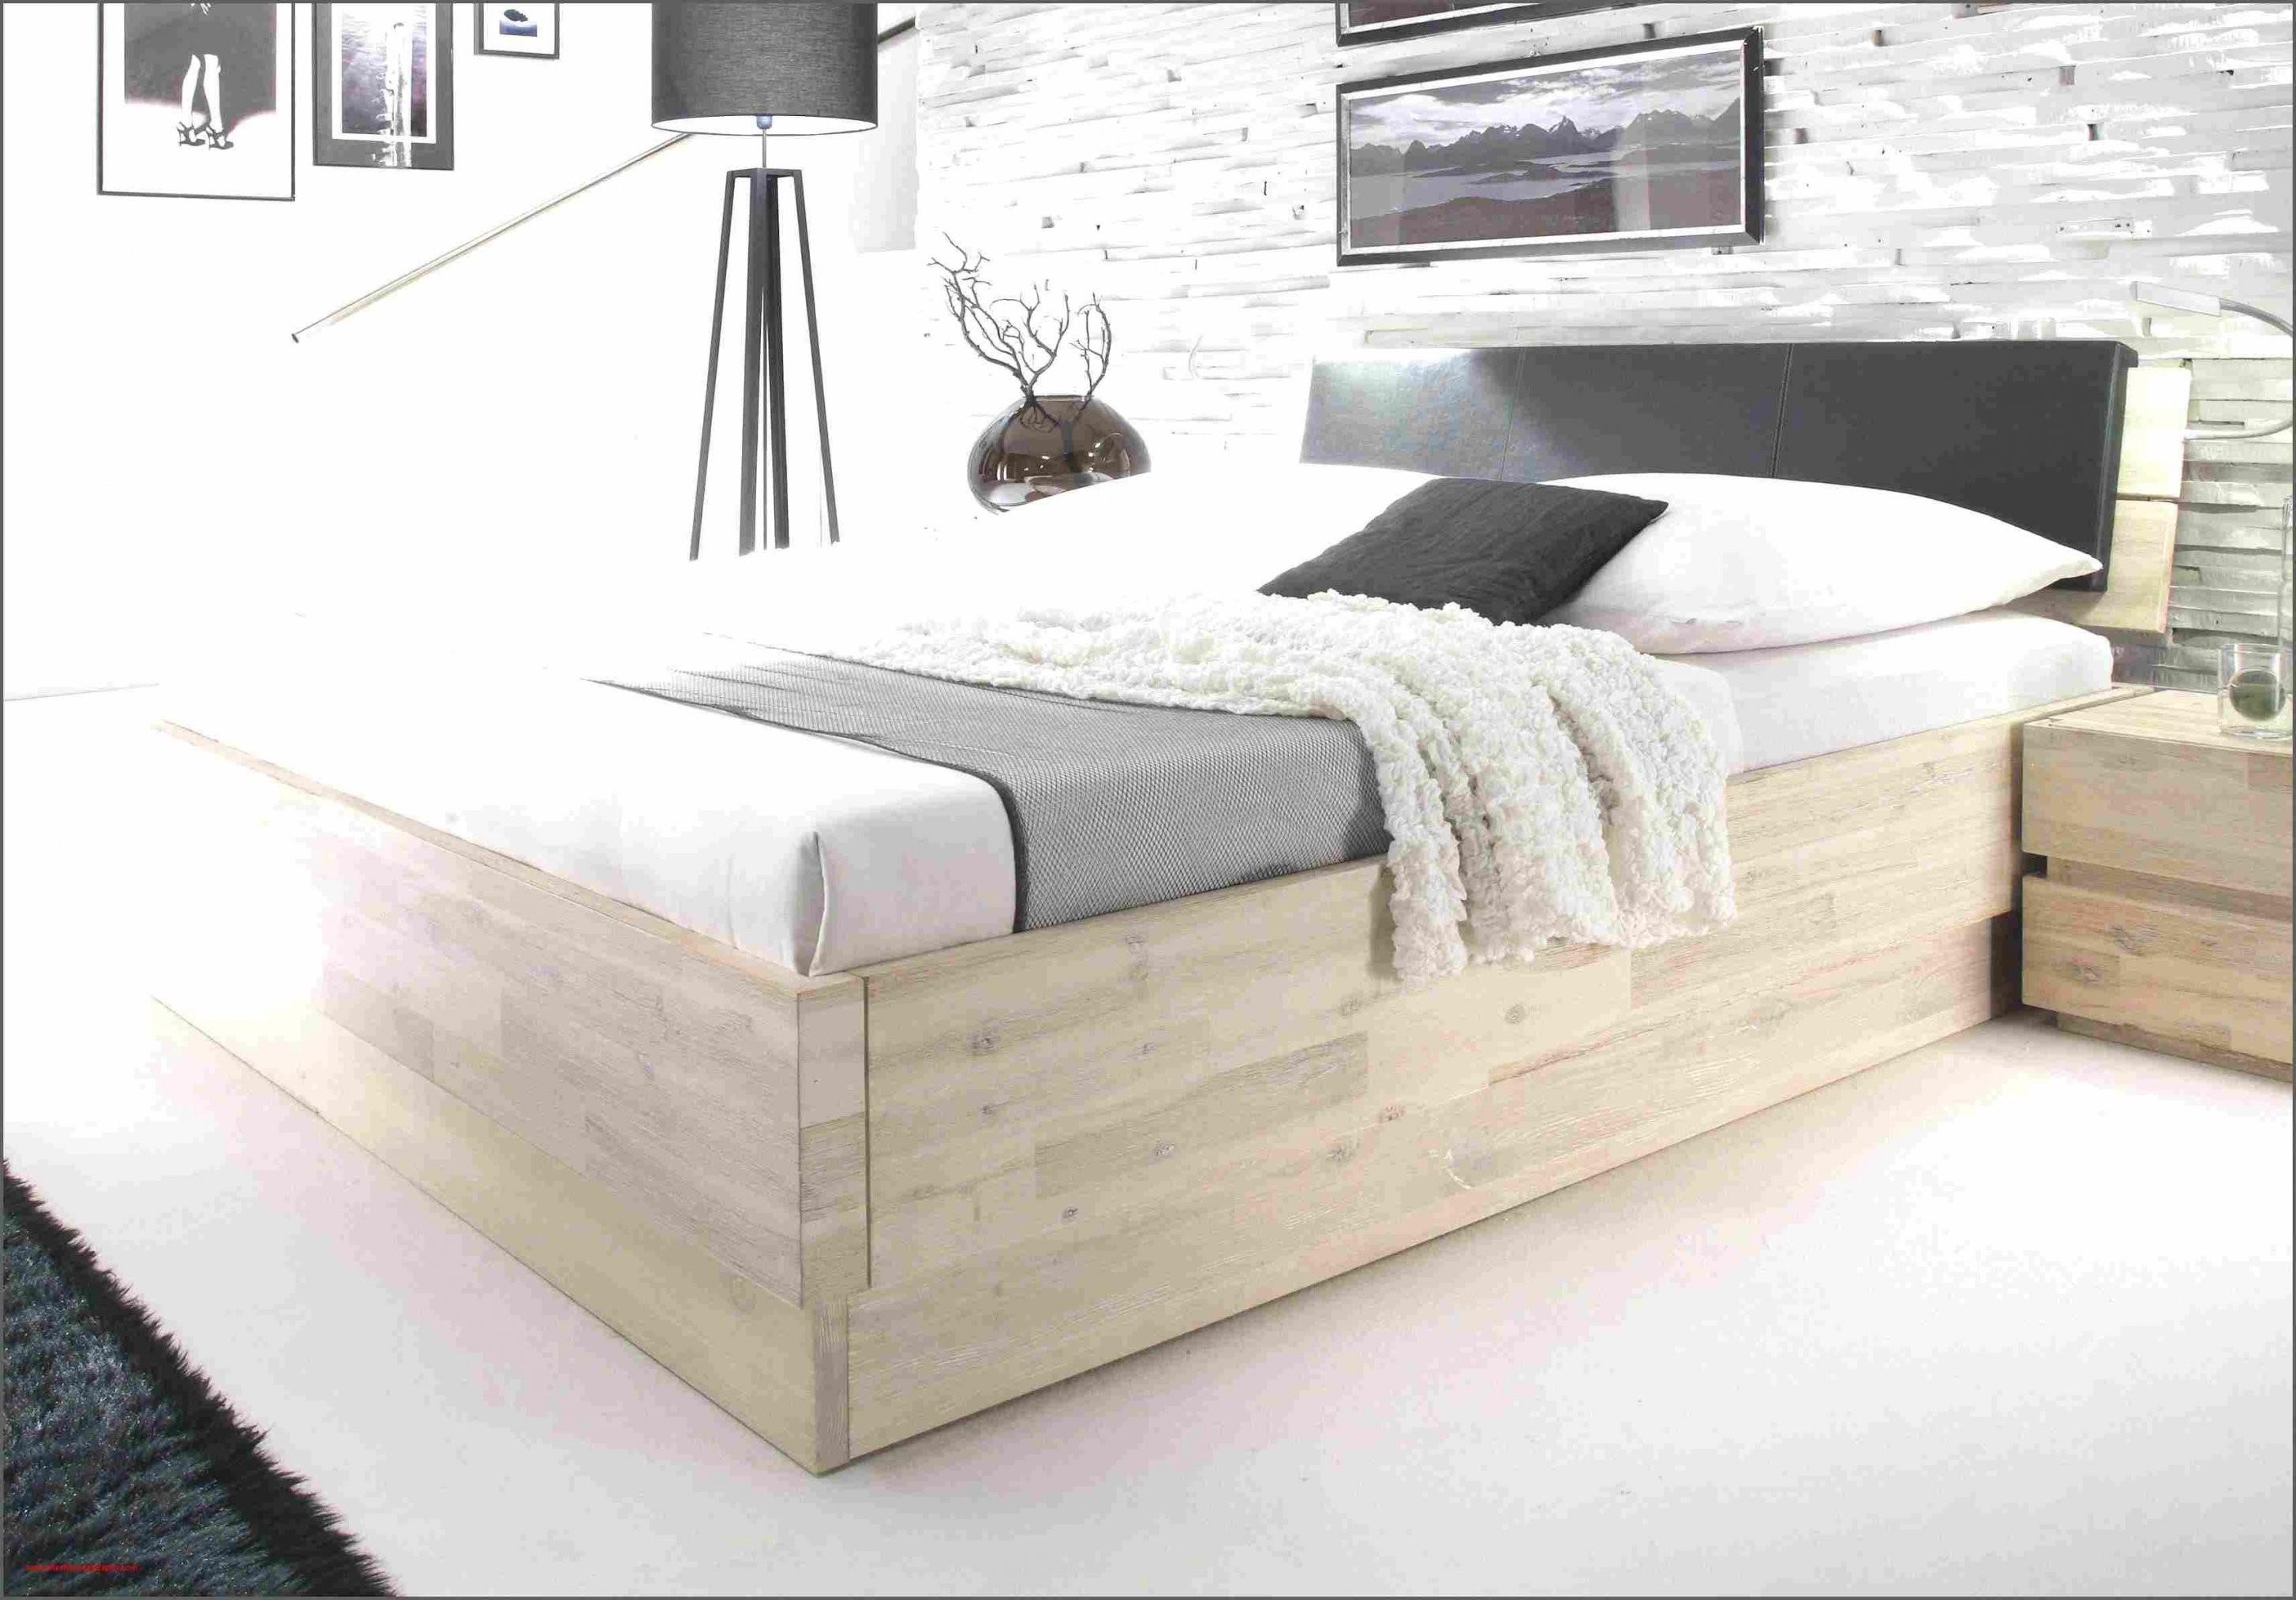 Zeitgenössisch Bett 180X200 Komforthöhe Komforthohe 180 200 Best Of von Bett Komforthöhe 180X200 Bild